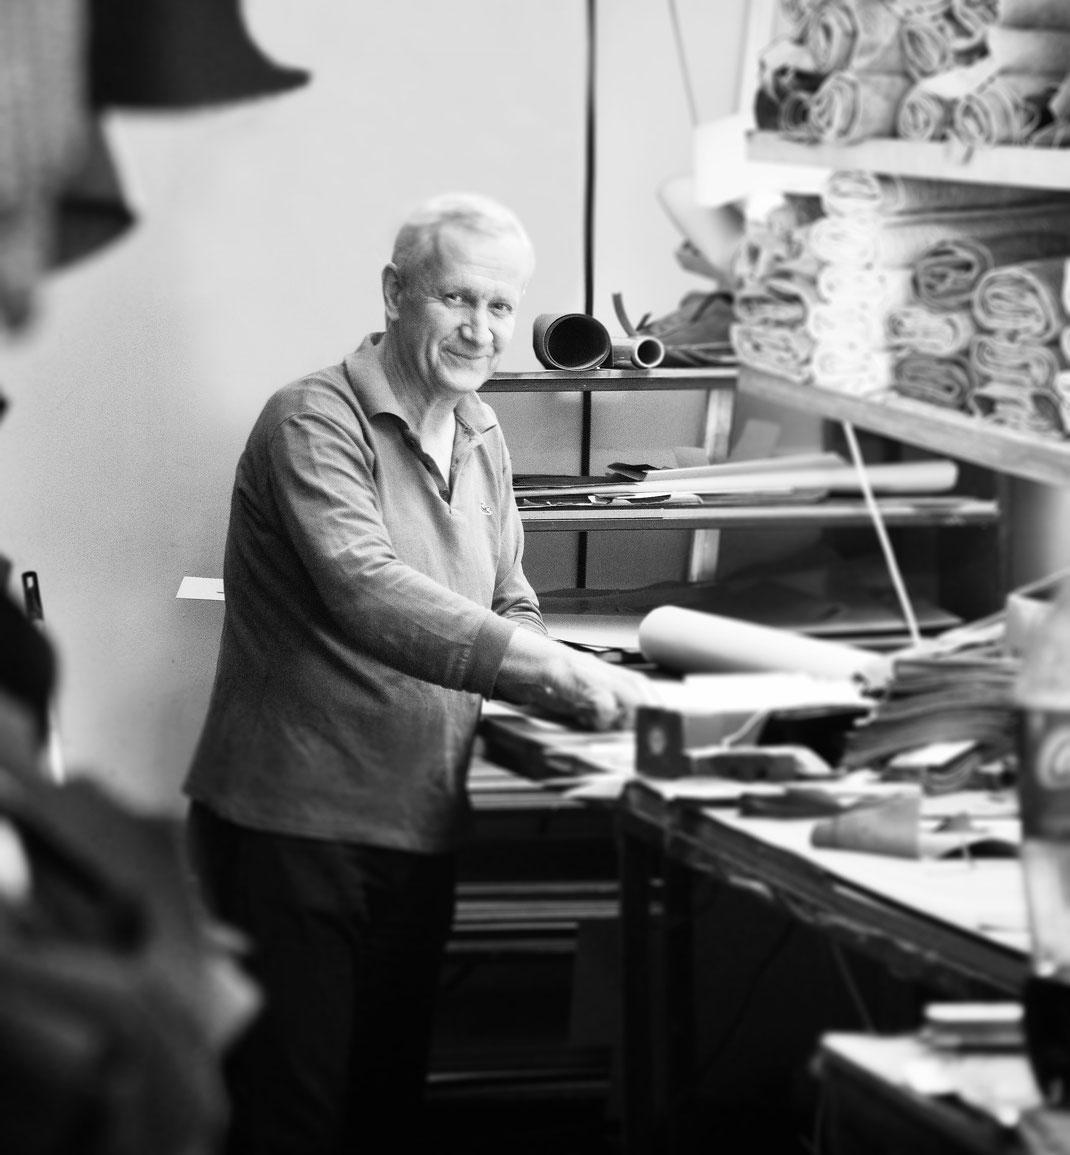 OWA Ledermanufaktur, unser exklusiven Ledertaschen enstehen in anspruchsvoller Arbeit, ausschließlich von Meisterhand.